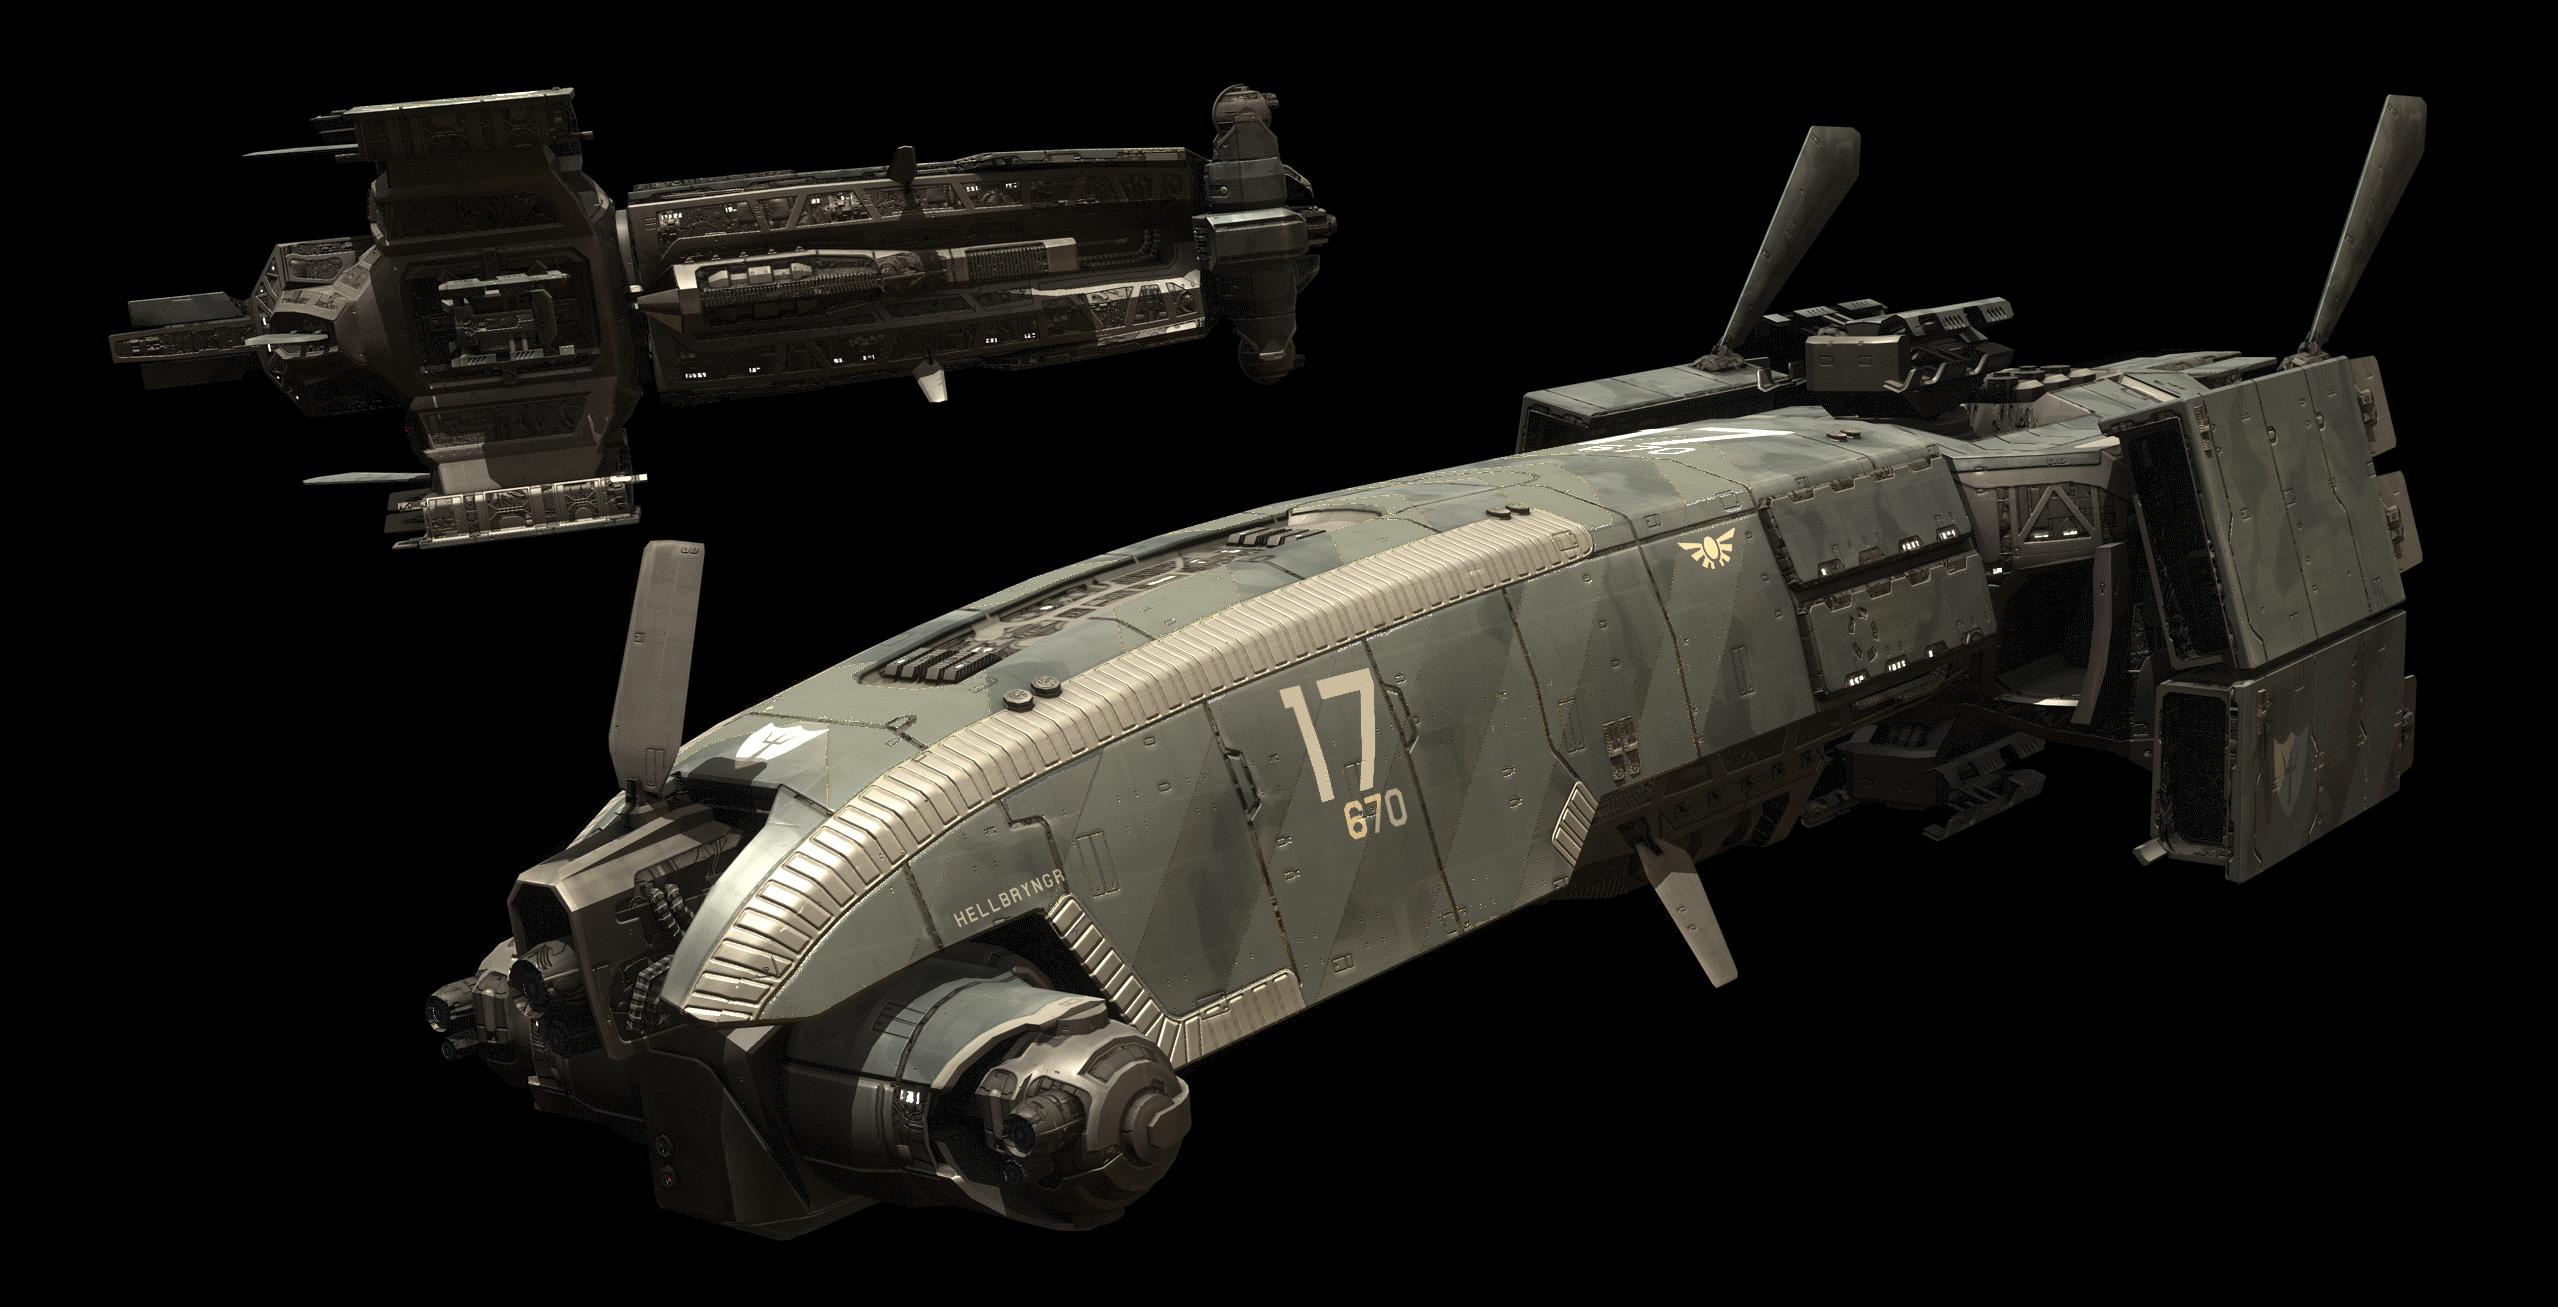 Retarius-class Frigate